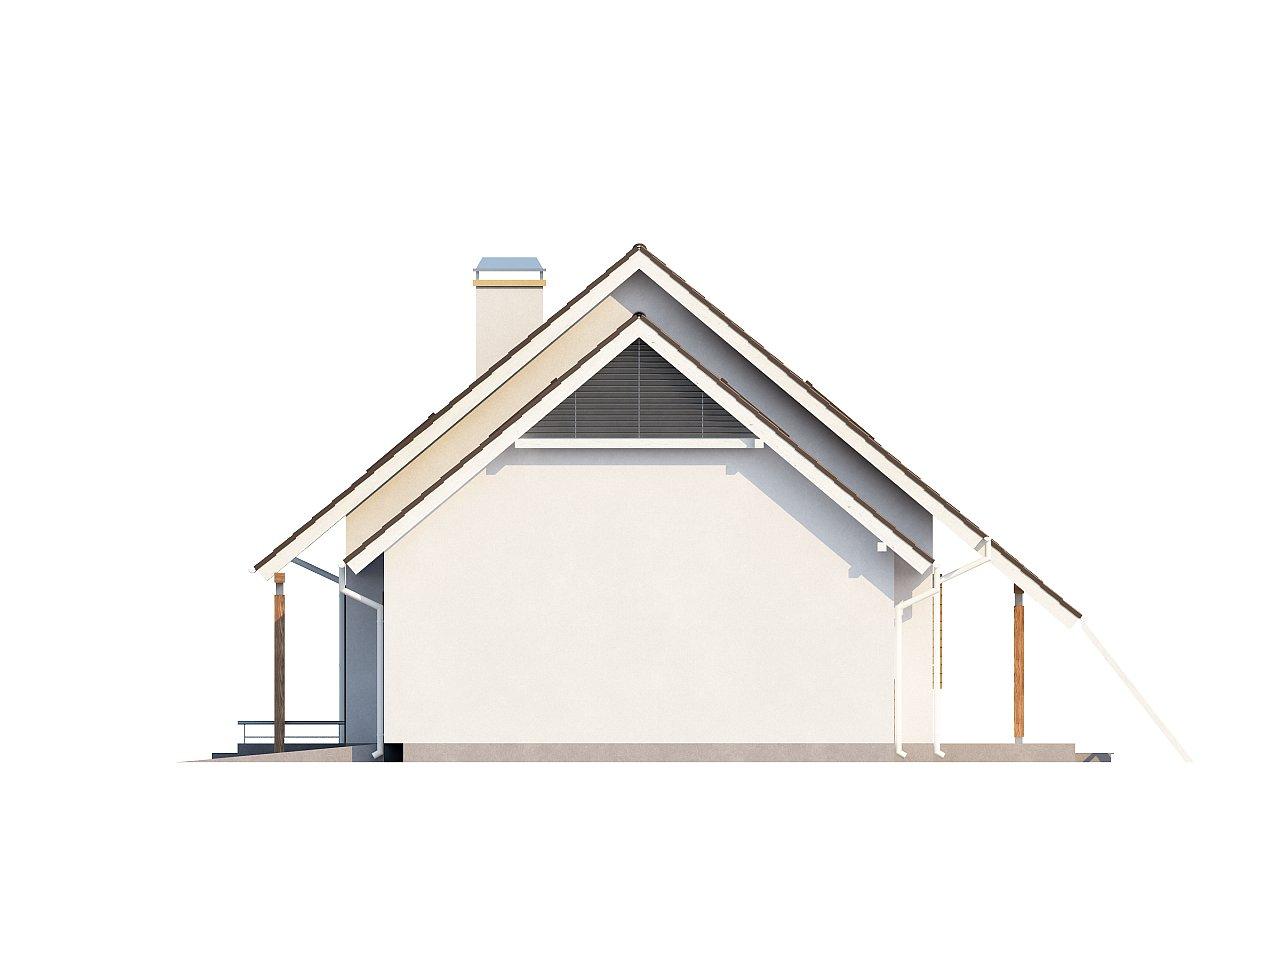 Проект просторного функционального дома с мансардой, гаражом для одной машины и дополнительной спальней на первом этаже. 6